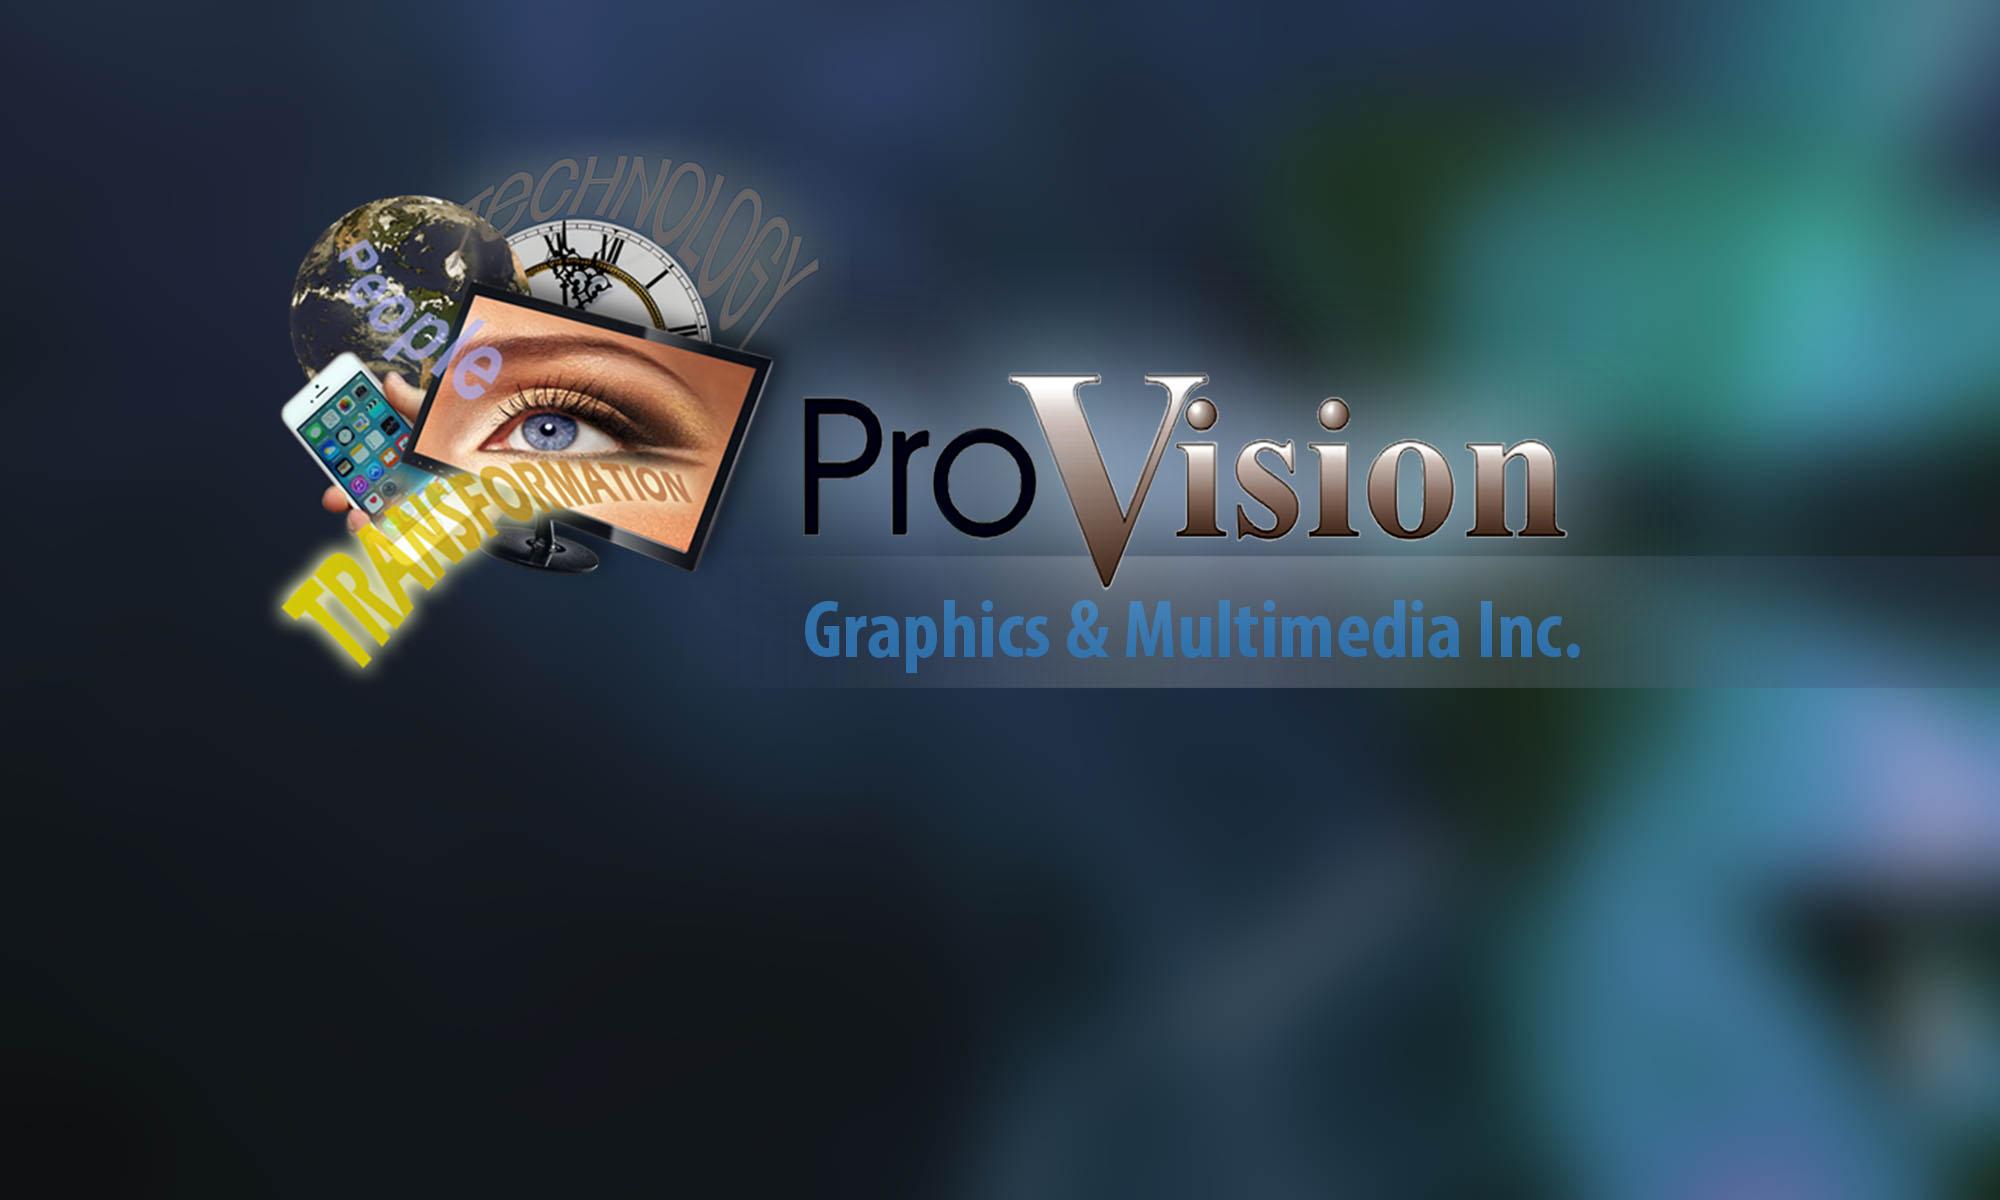 ProVision Graphics & Multimedia Inc.